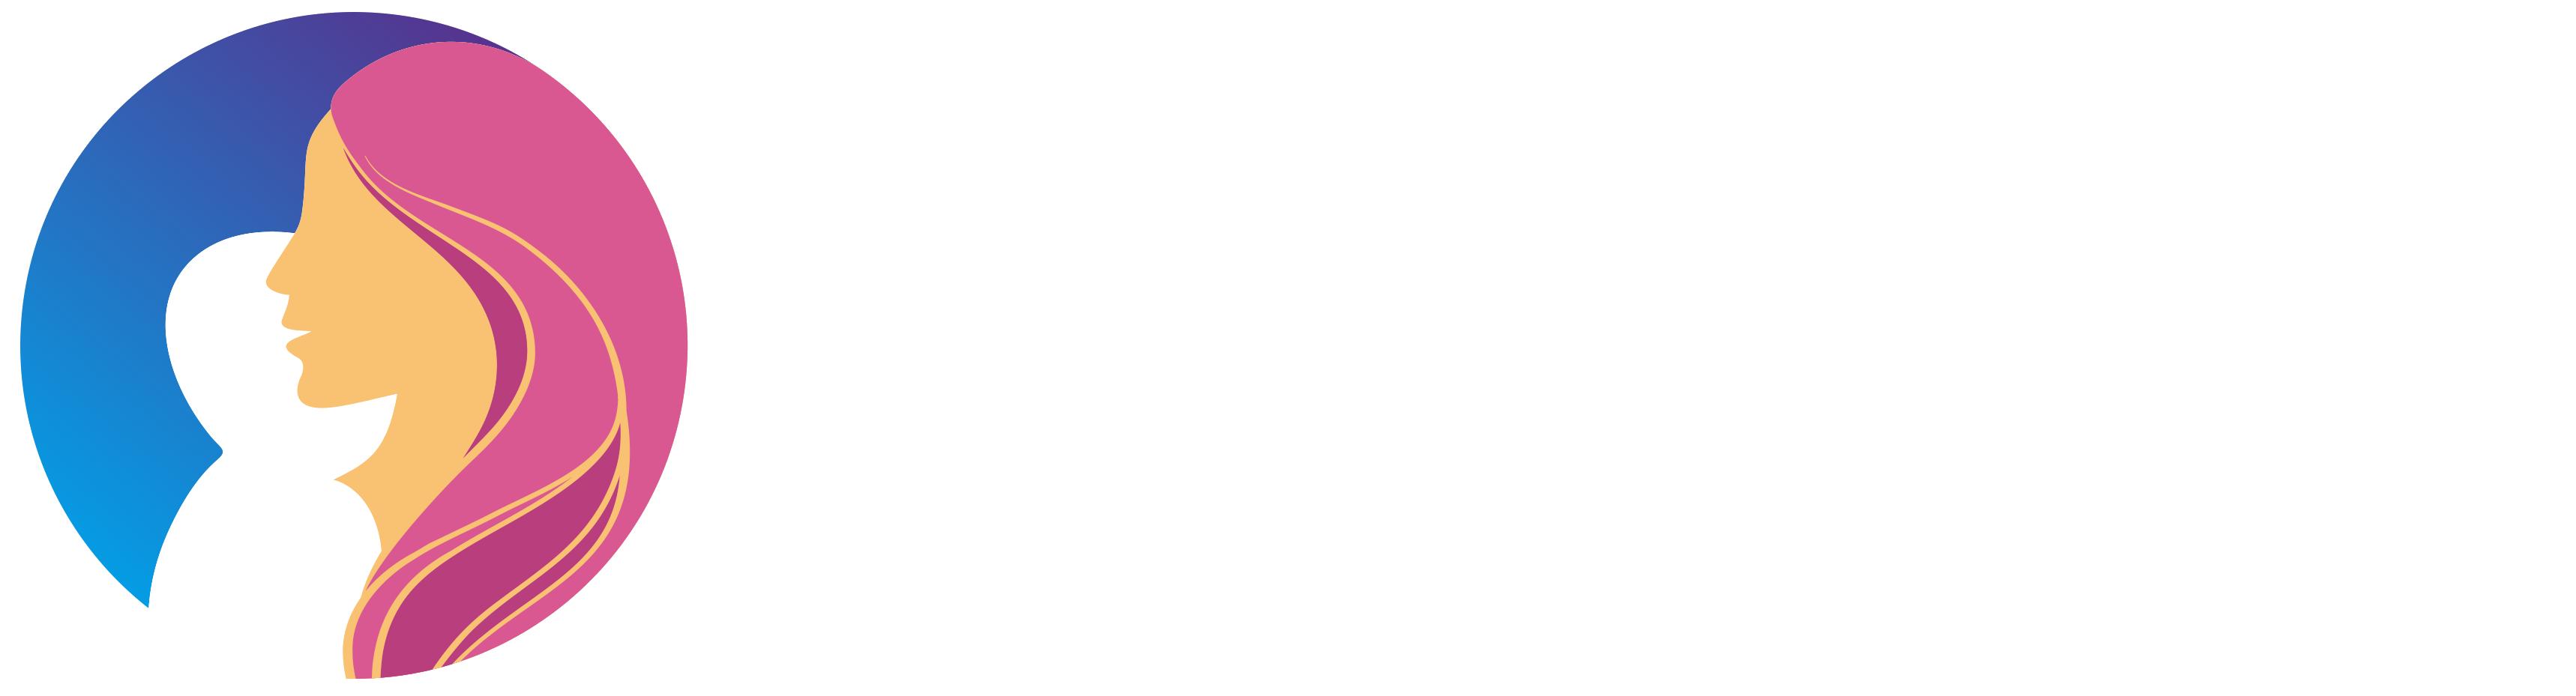 无底白色logo